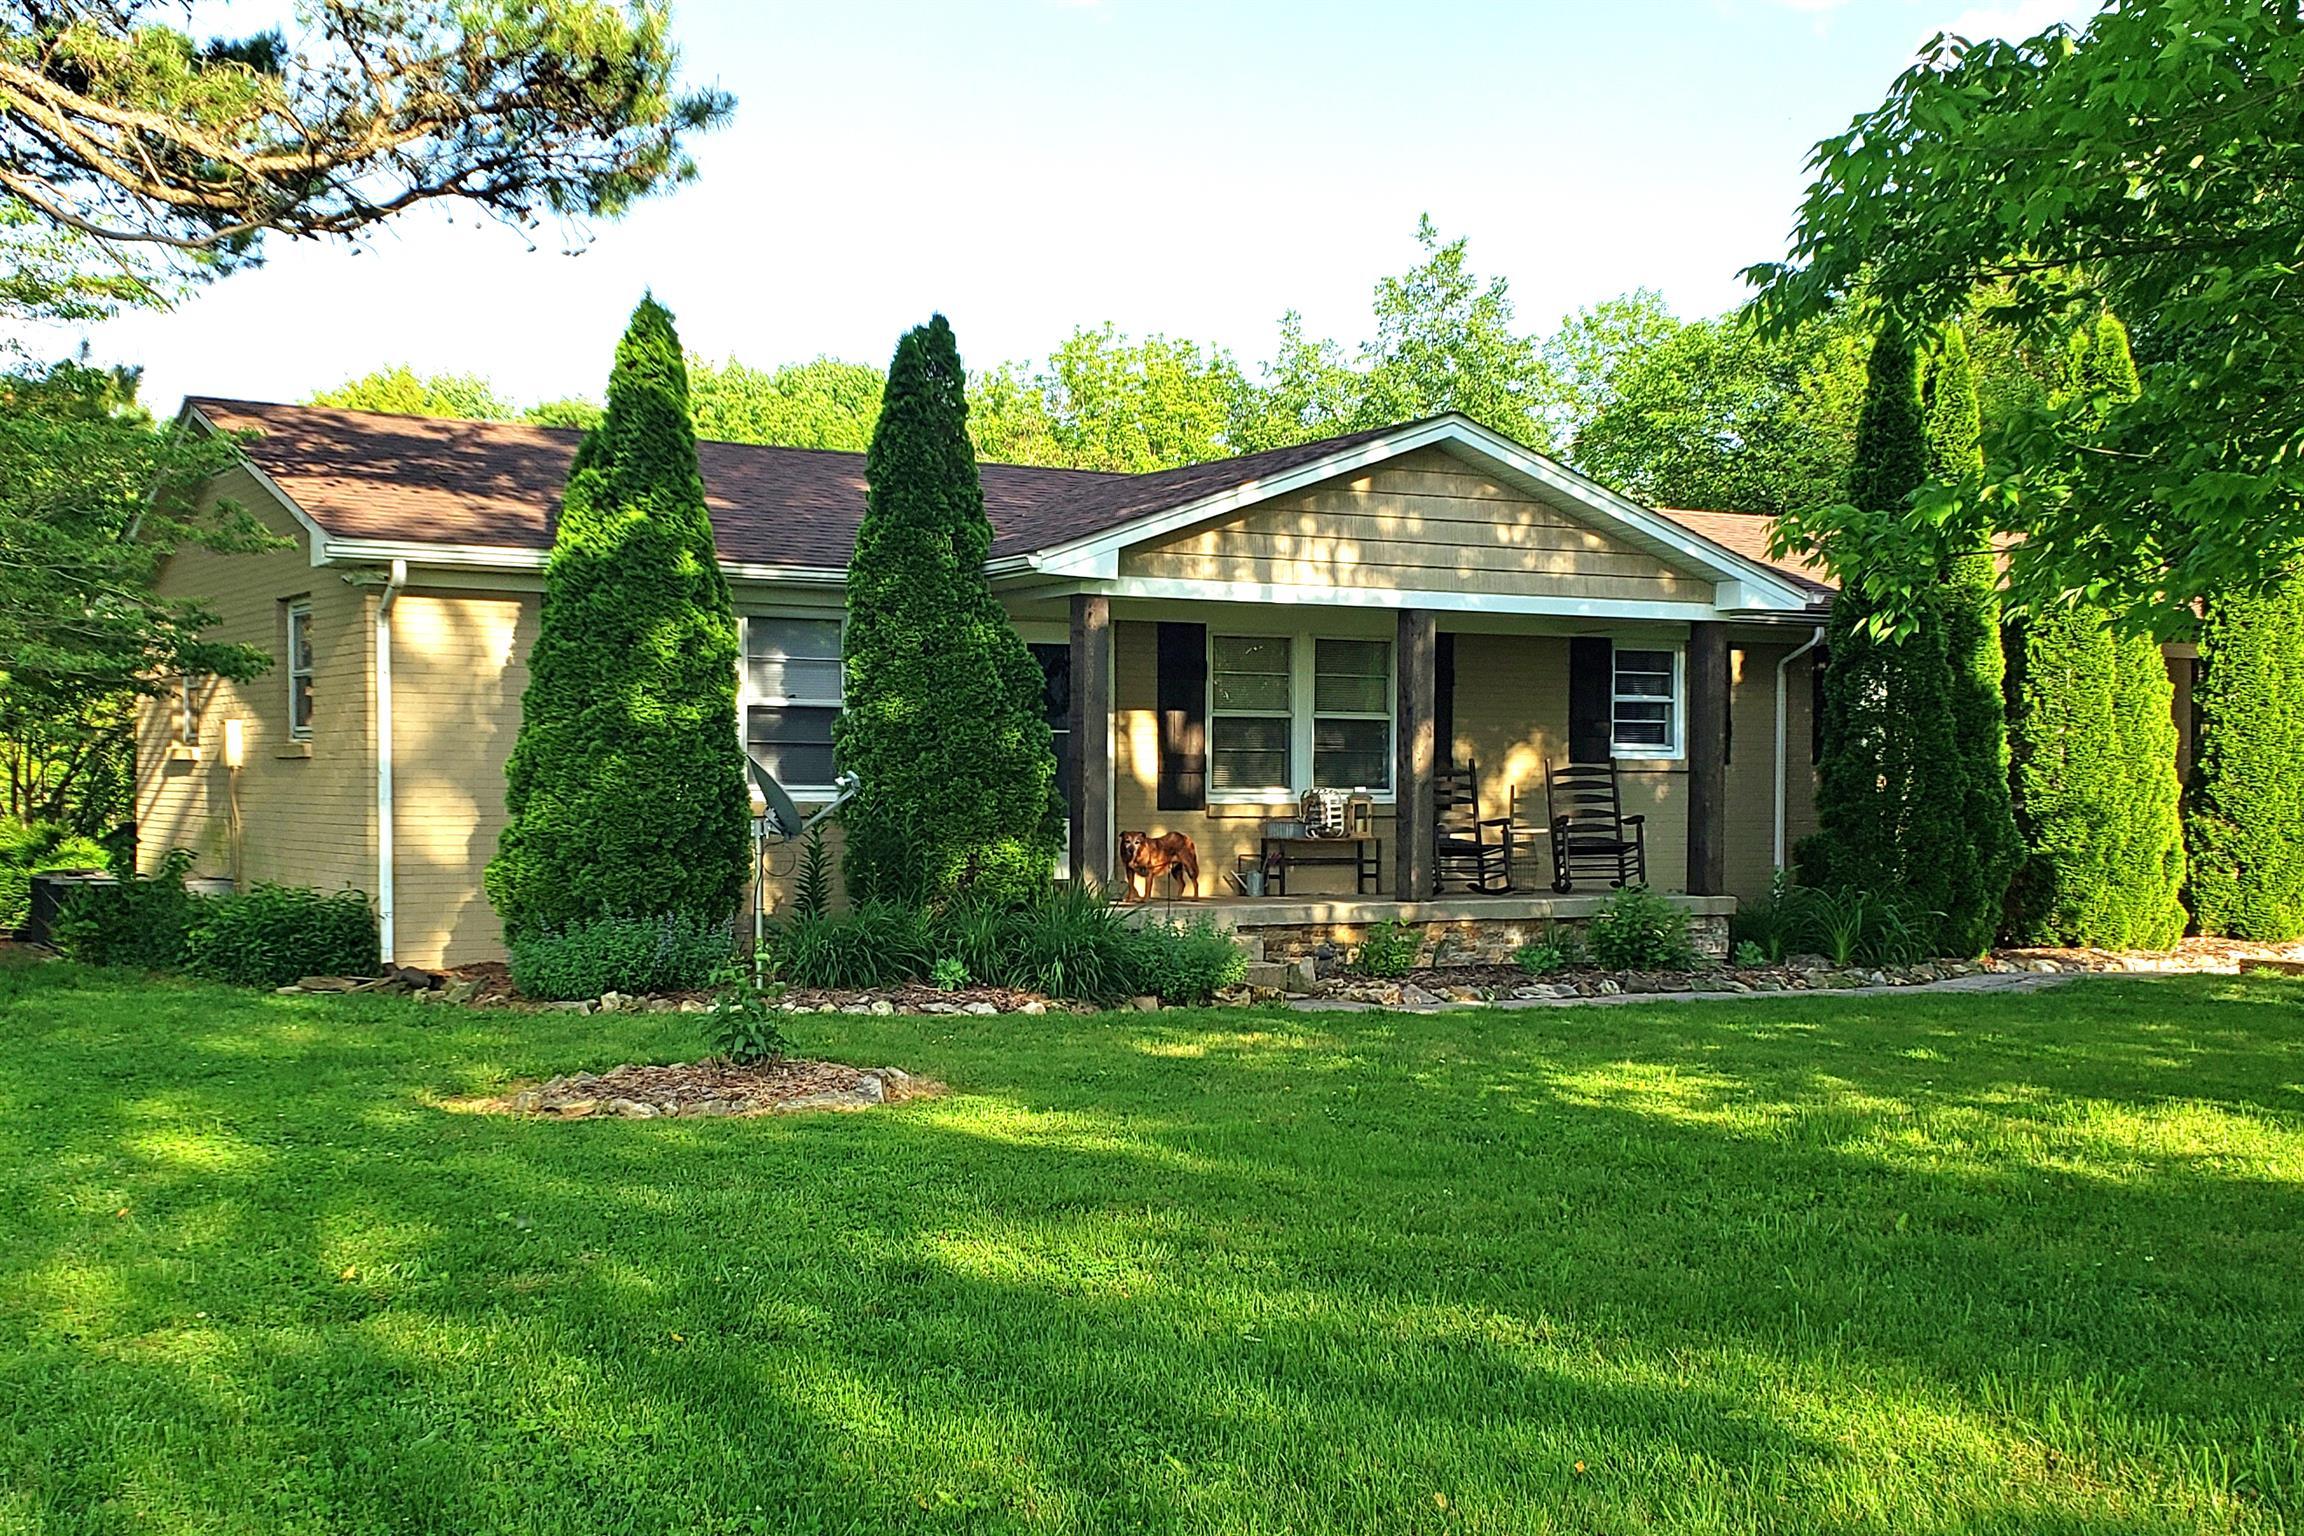 2860 Witt Road, Franklin, KY 42134 - Franklin, KY real estate listing